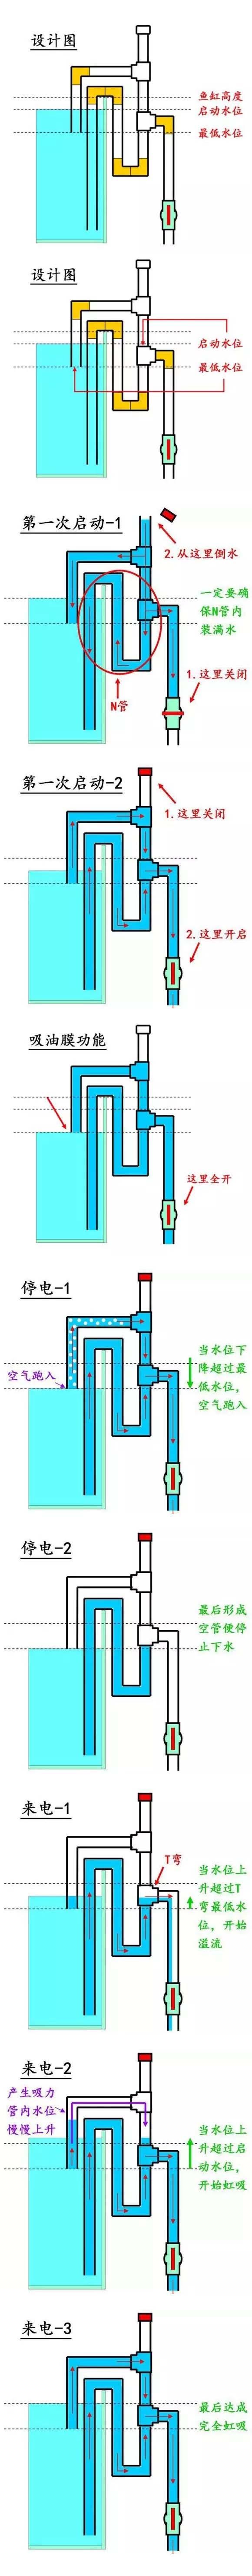 虹吸原理(图例)